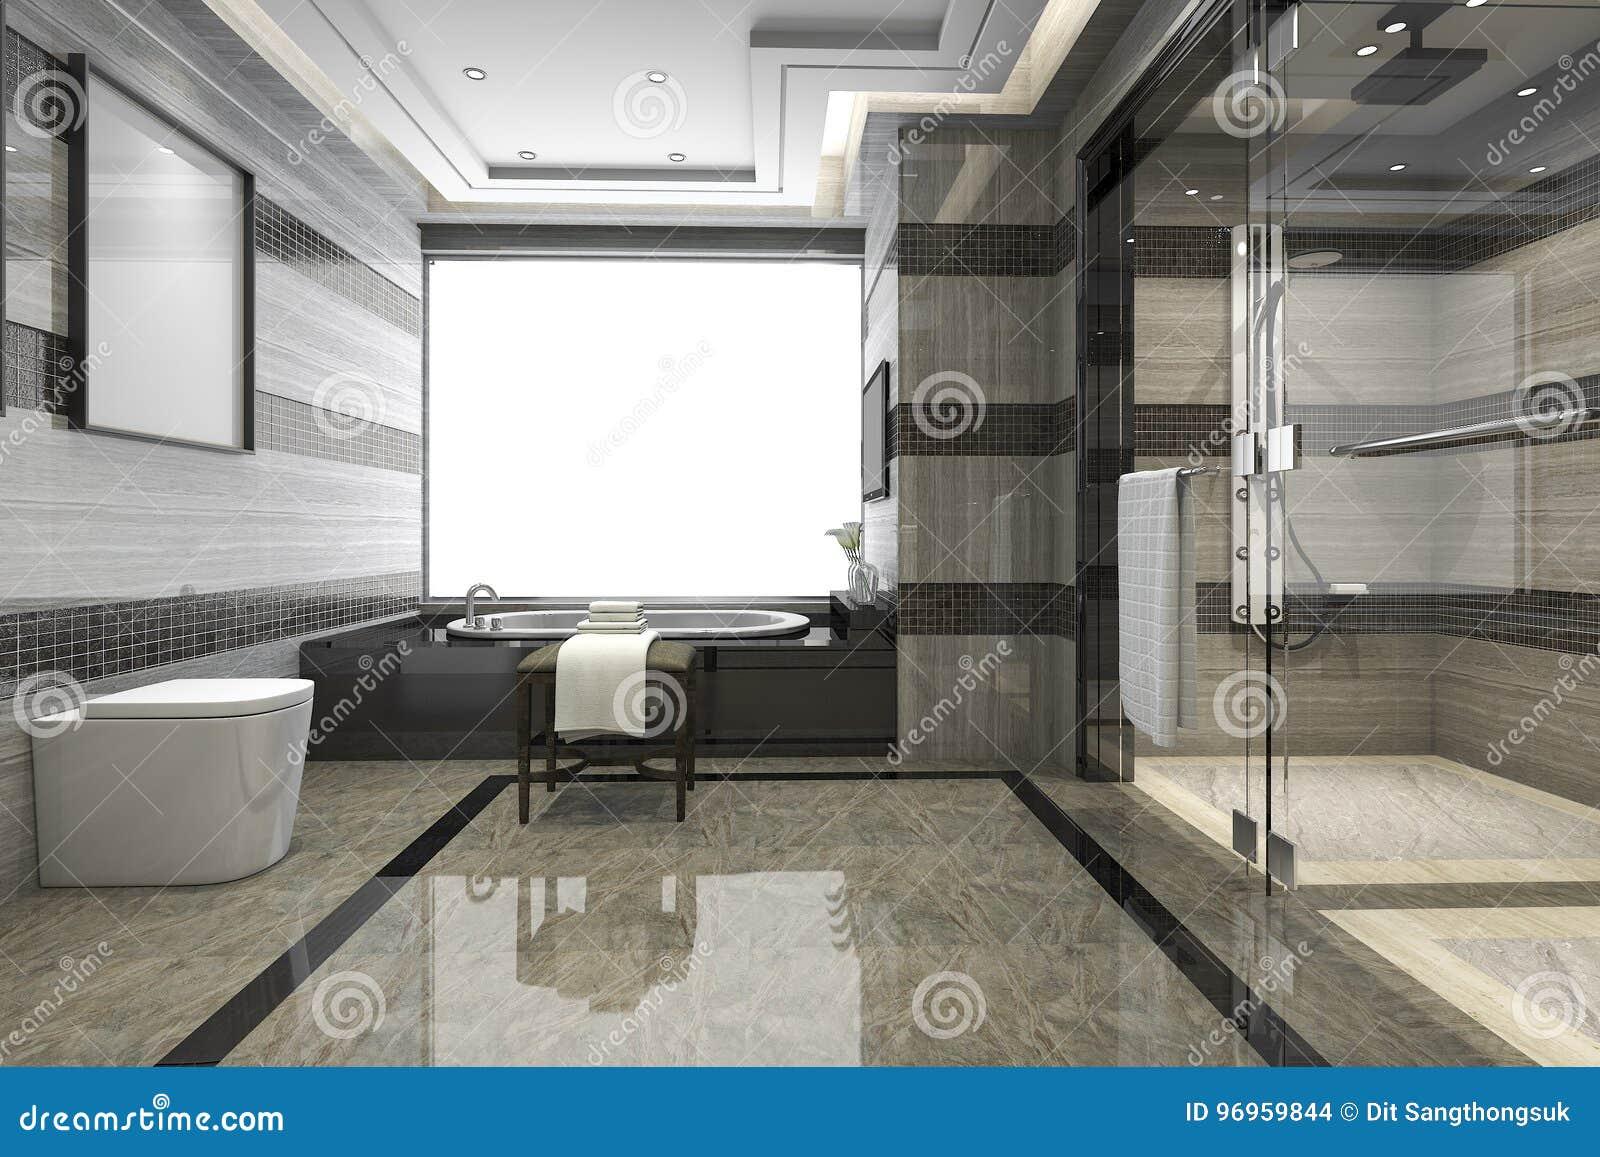 3d Rendering Black Modern Loft Bathroom With Luxury Tile